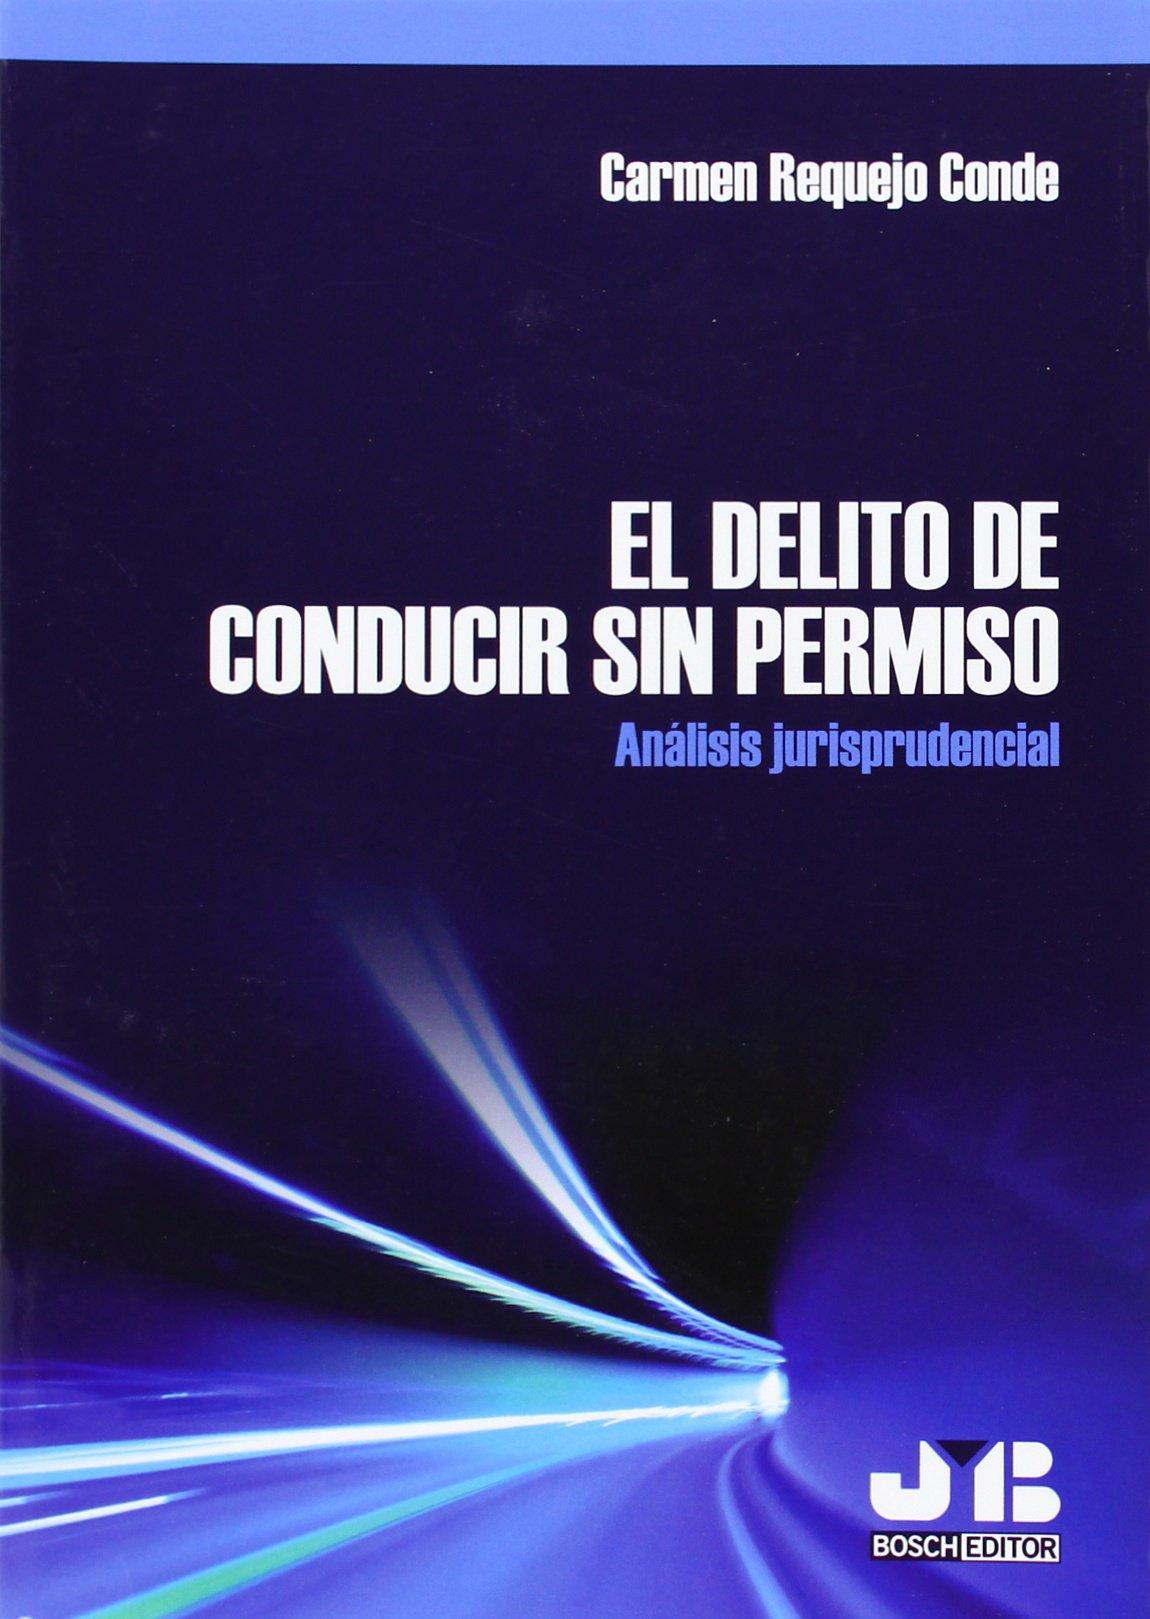 El delito de conducir sin permiso. Análisis jurisprudencial.: Amazon.es: Carmen Requejo Conde: Libros